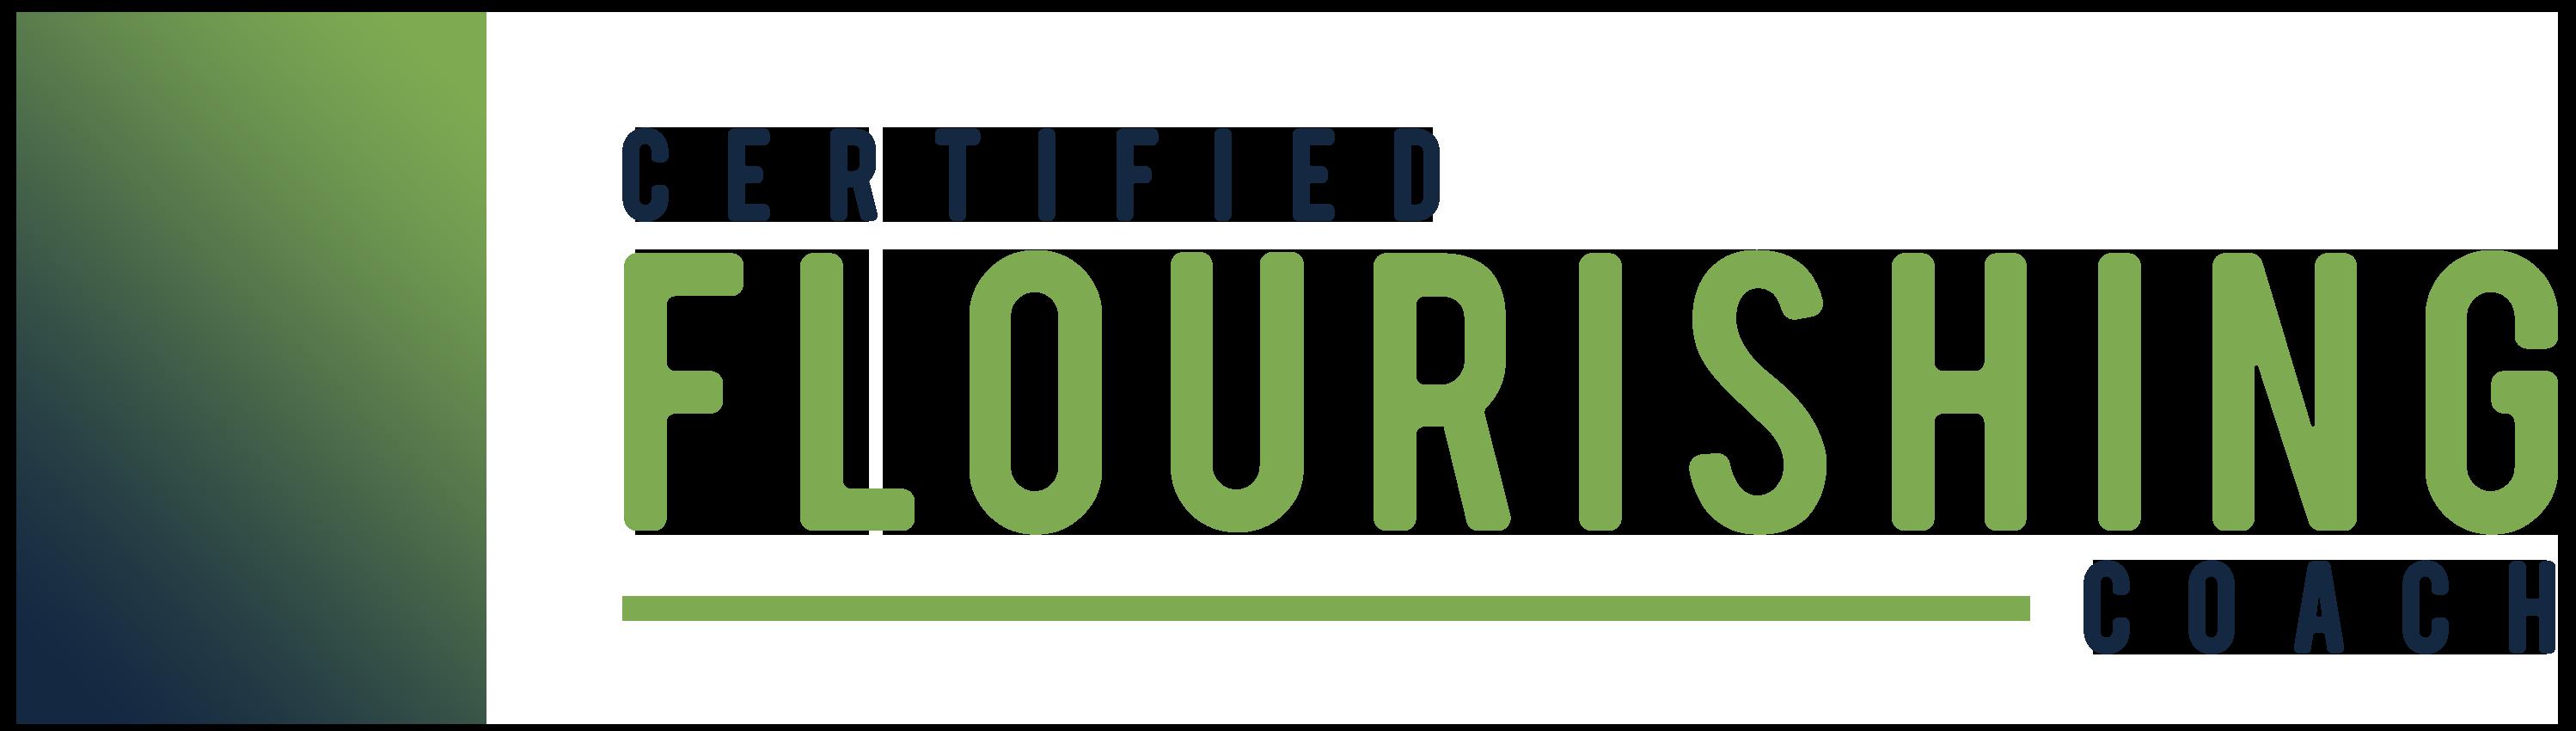 Certified Flourishing Coach